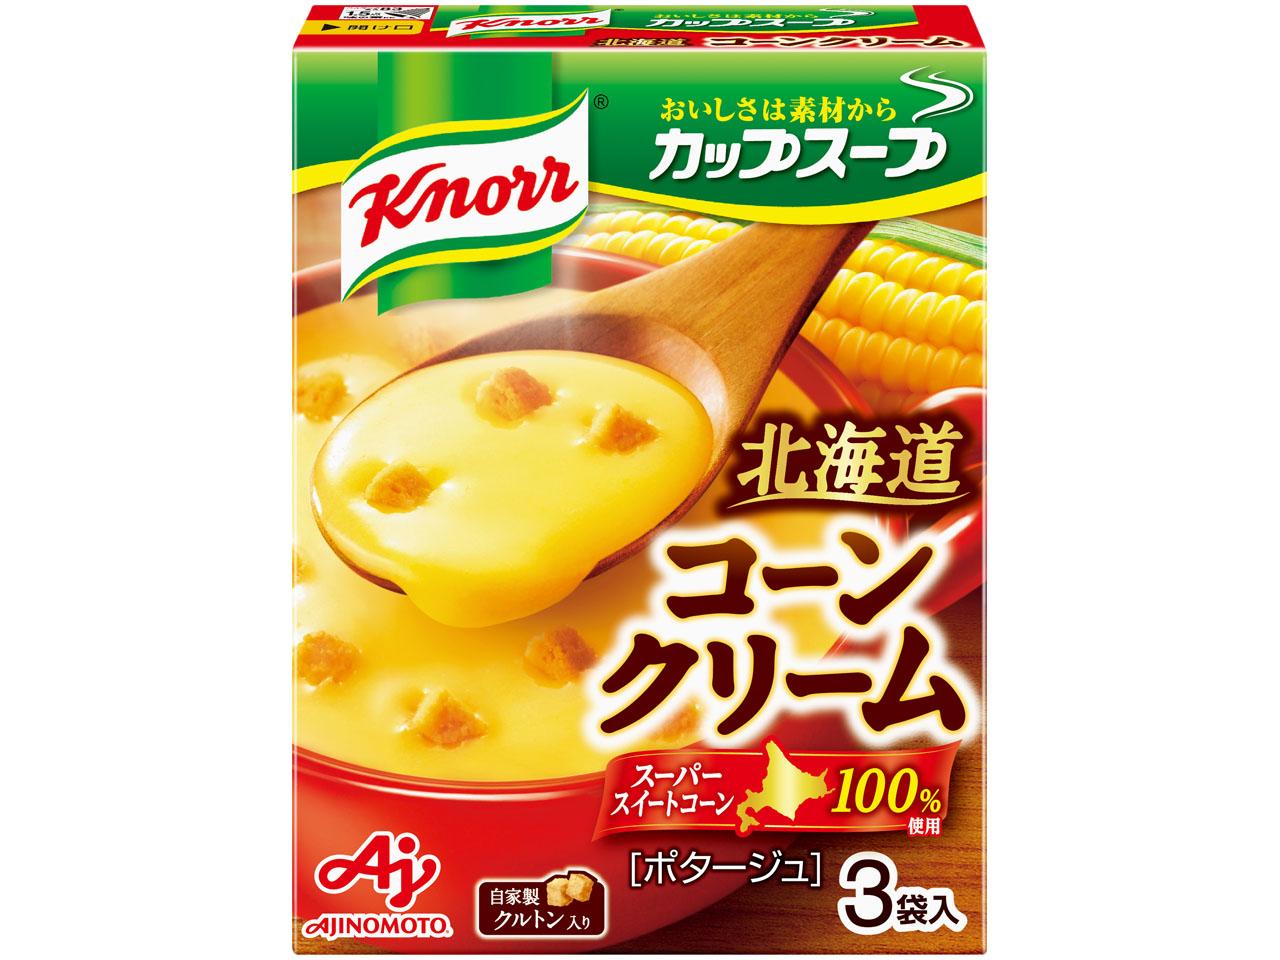 「クノール カップスープ」コーンクリーム